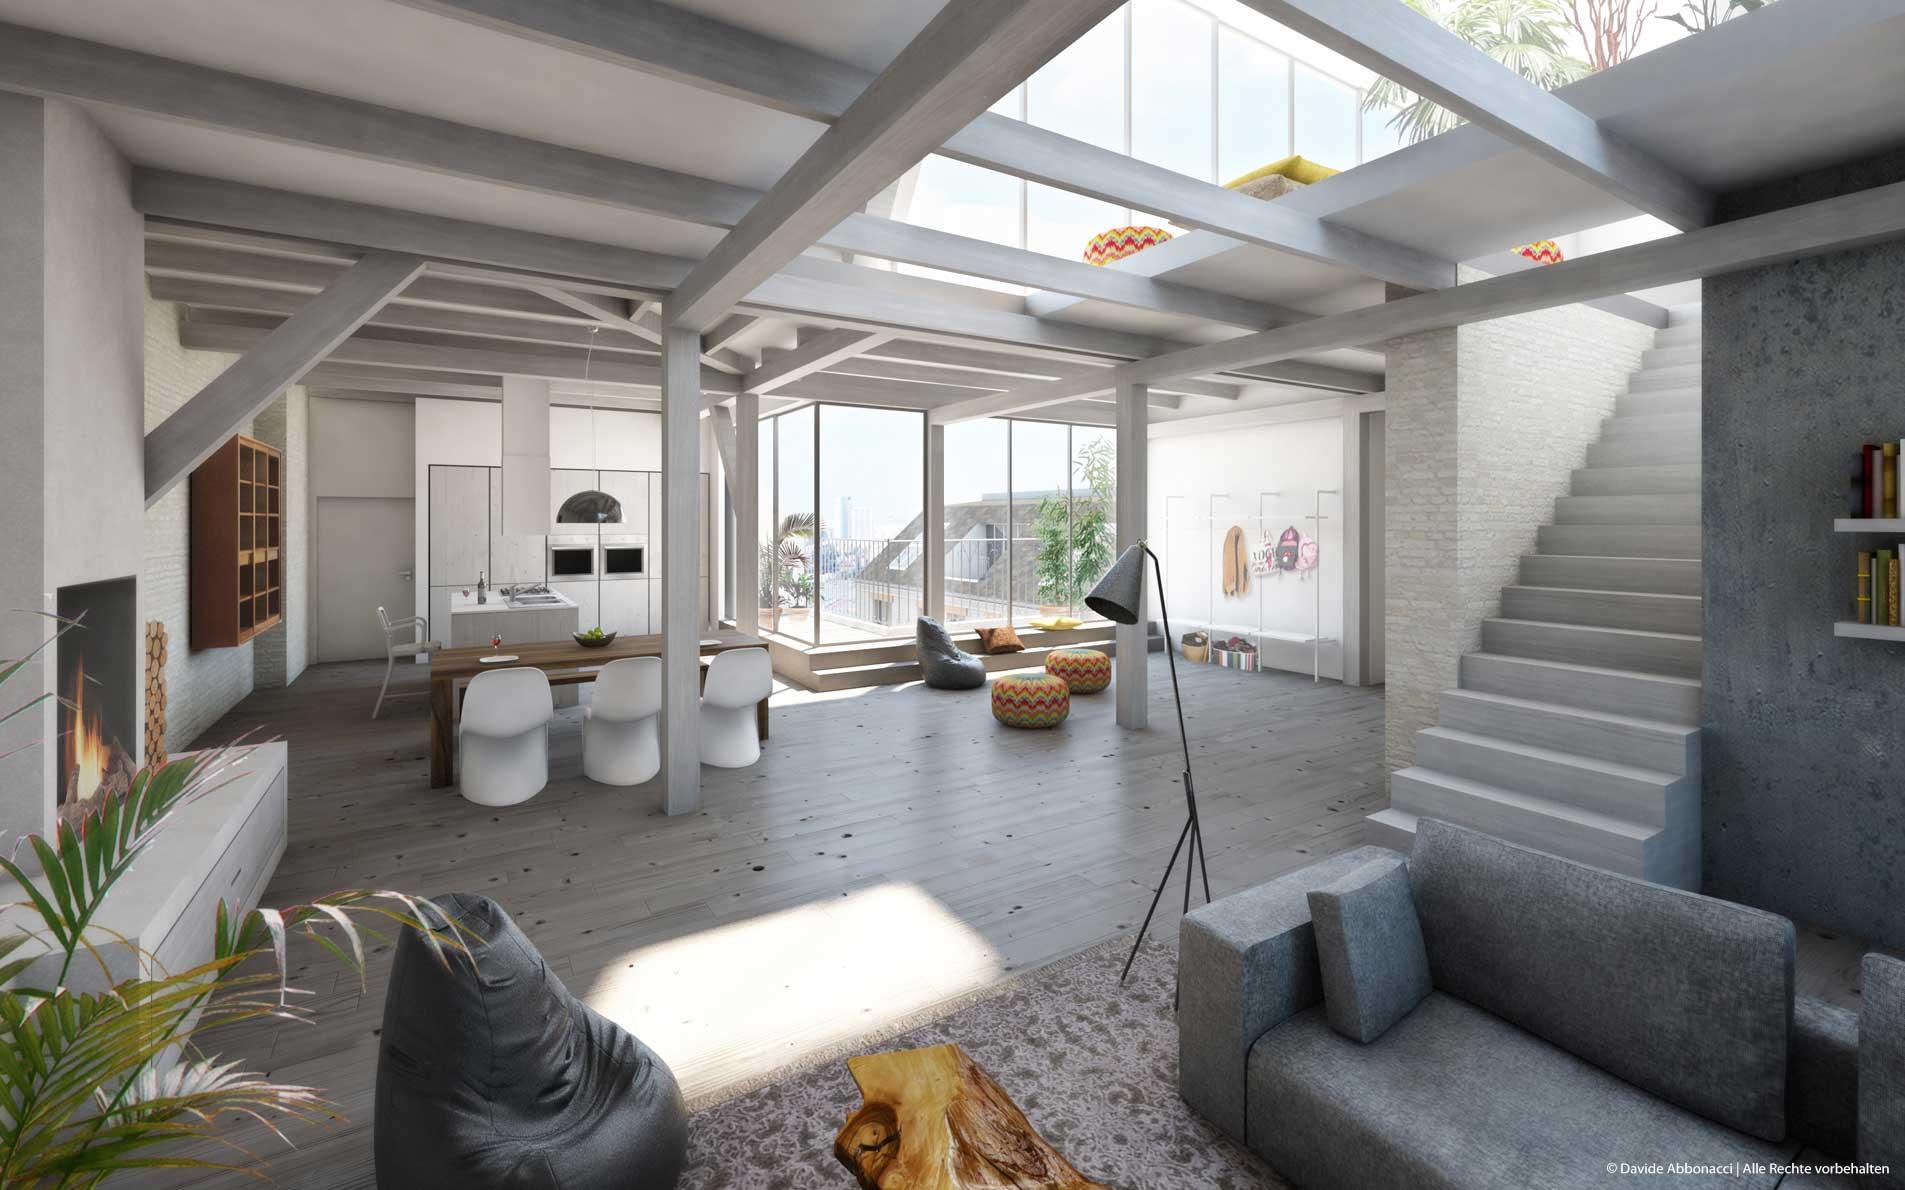 Wohnungsumbau Friedrichstraße 17, Berlin | Guder Hoffend Architekten | 2013 Studie